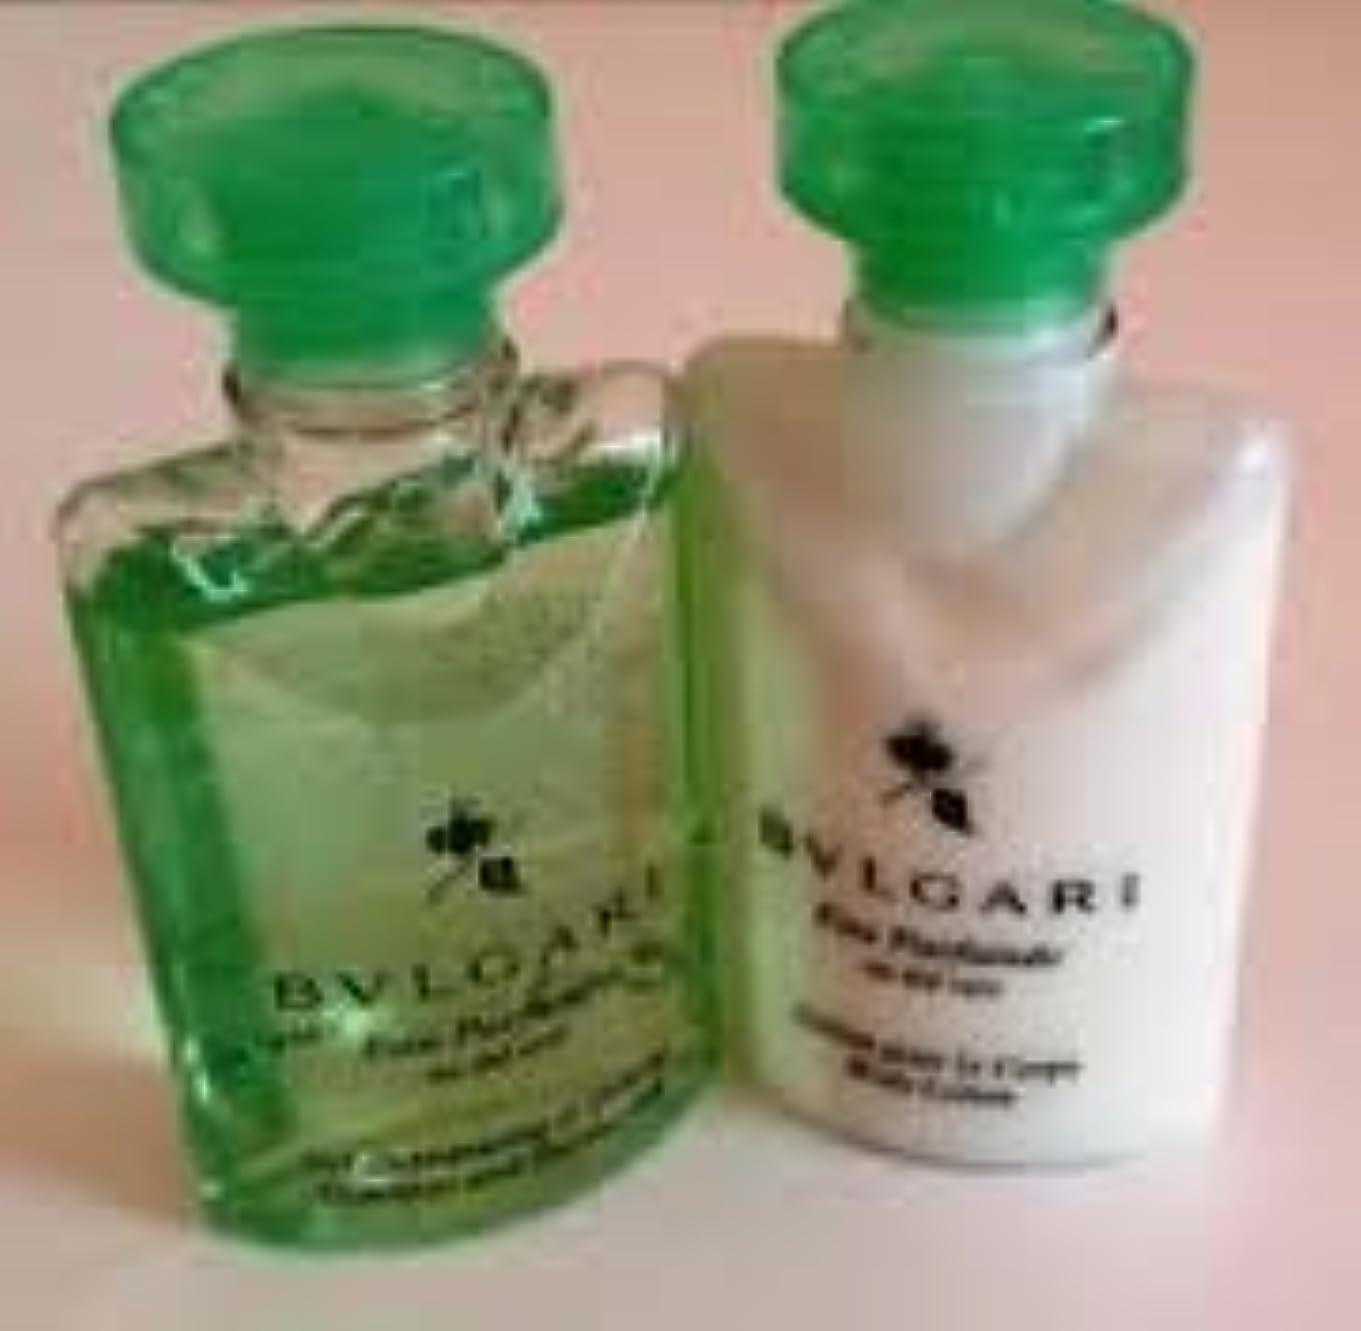 薬理学勧告悲しいBvlgari Eau Parfumee au the vert (ブルガリ オー パフュ-メ オウ ザ バート / グリーン ティー) 2.5 oz (75ml) シャンプー & ヘアーコンディショナー